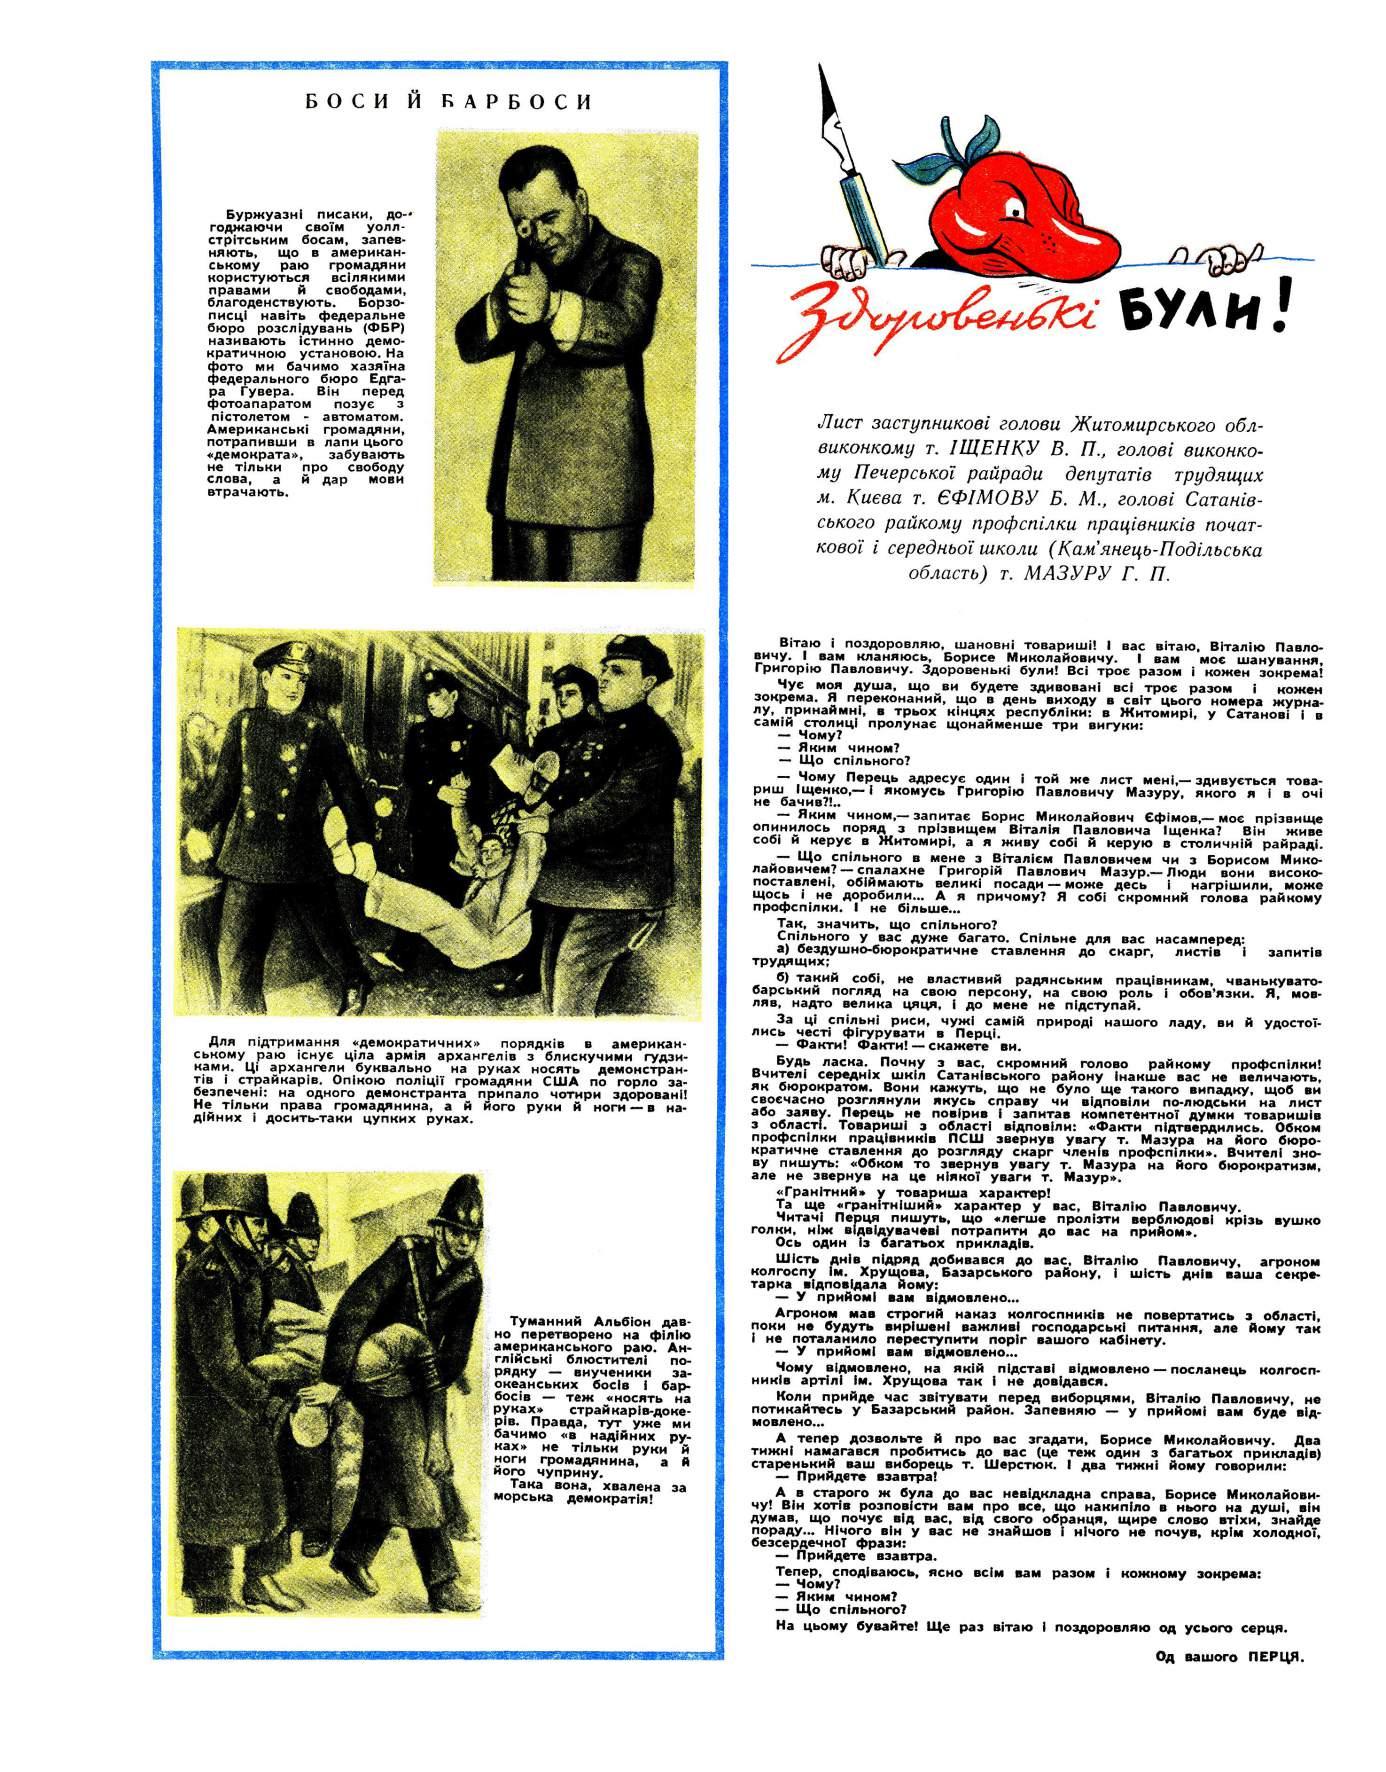 Журнал перець 1951 №13